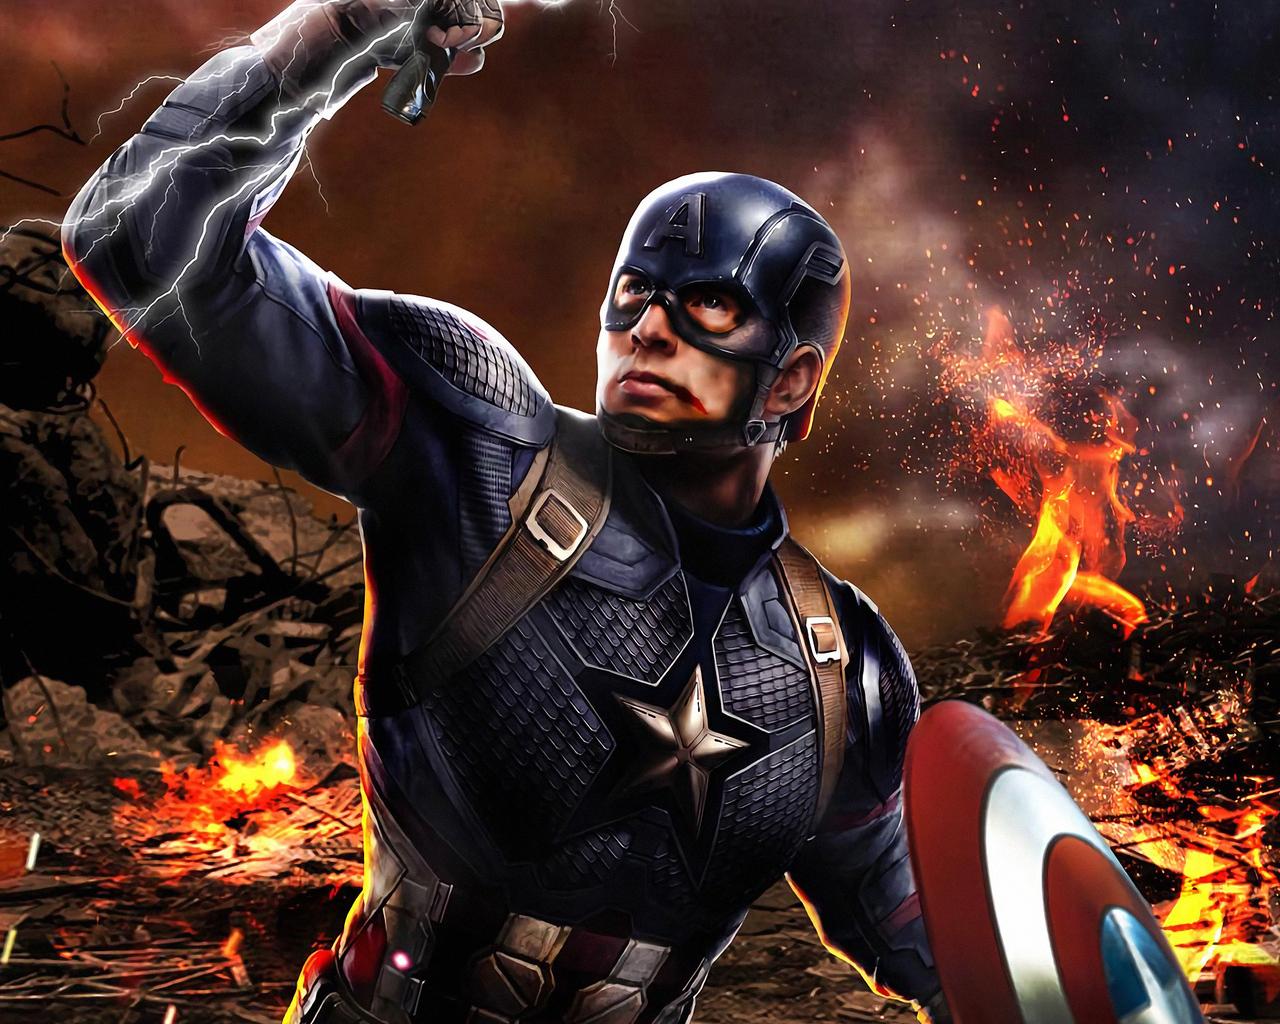 1280x1024 Captain America Avengers ...